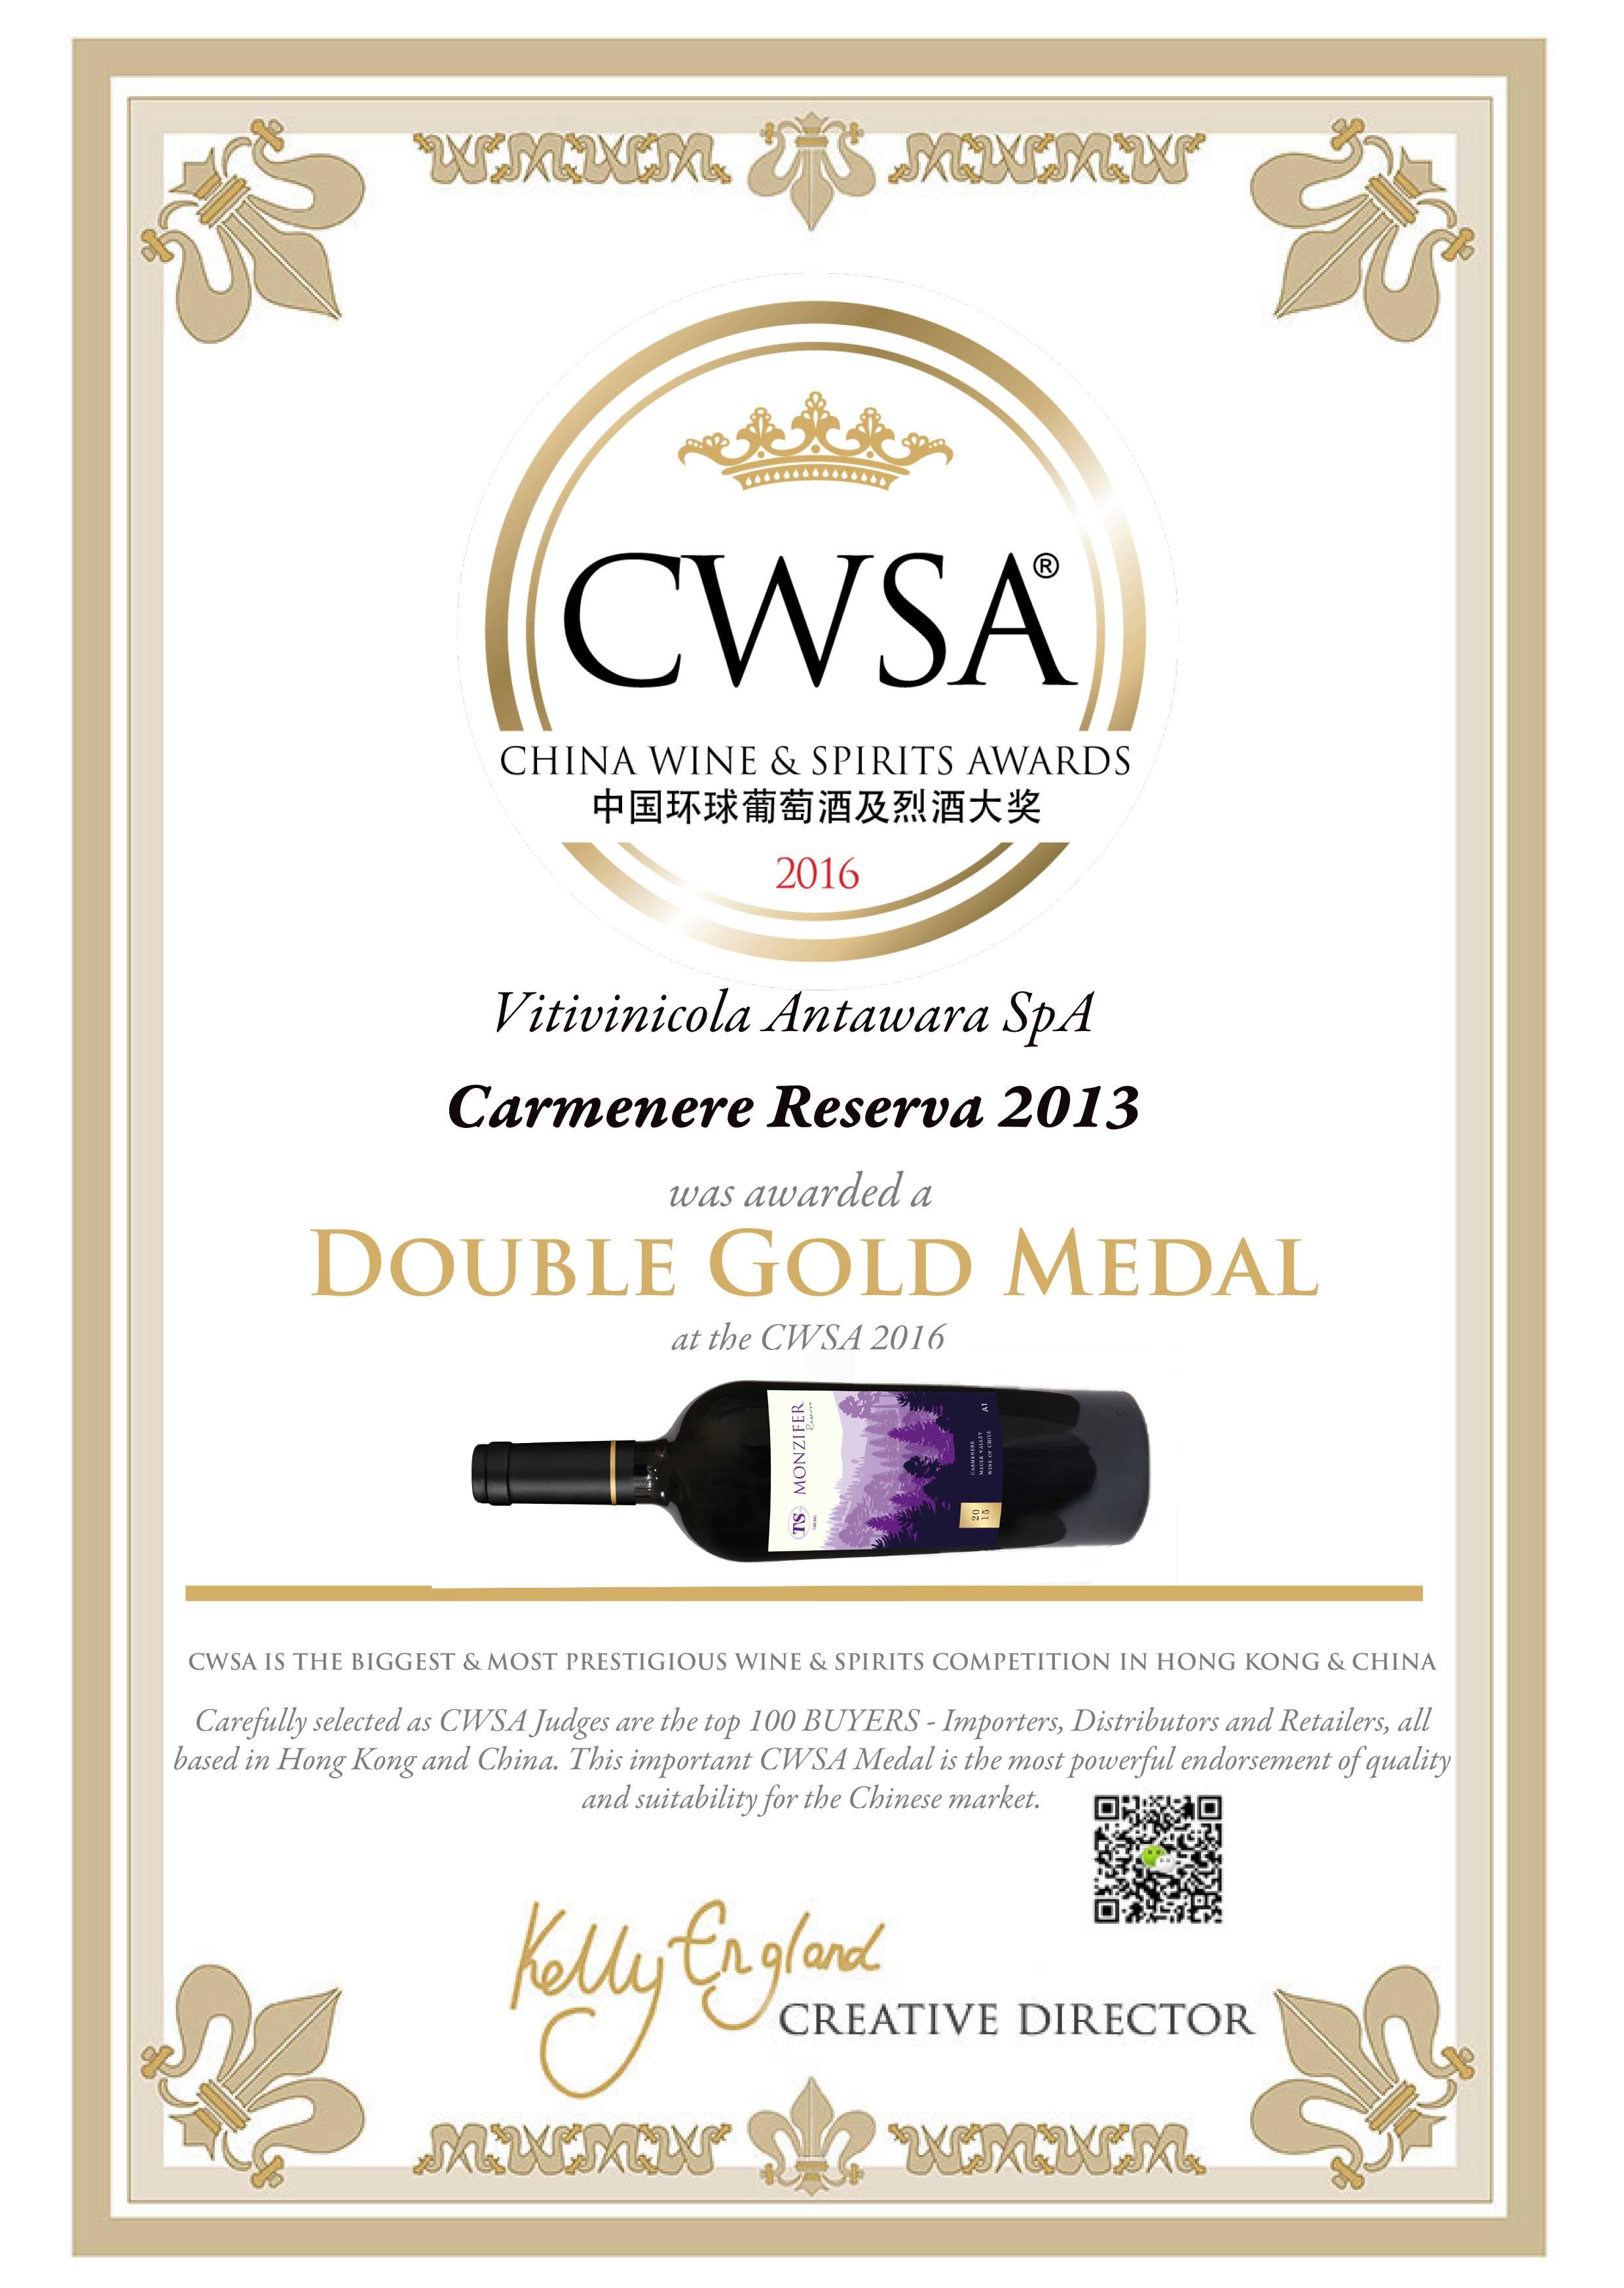 梦之菲MONZIFER荣获中国环球葡萄酒及烈酒大奖CR Reserva2013CWSA2016双金奖